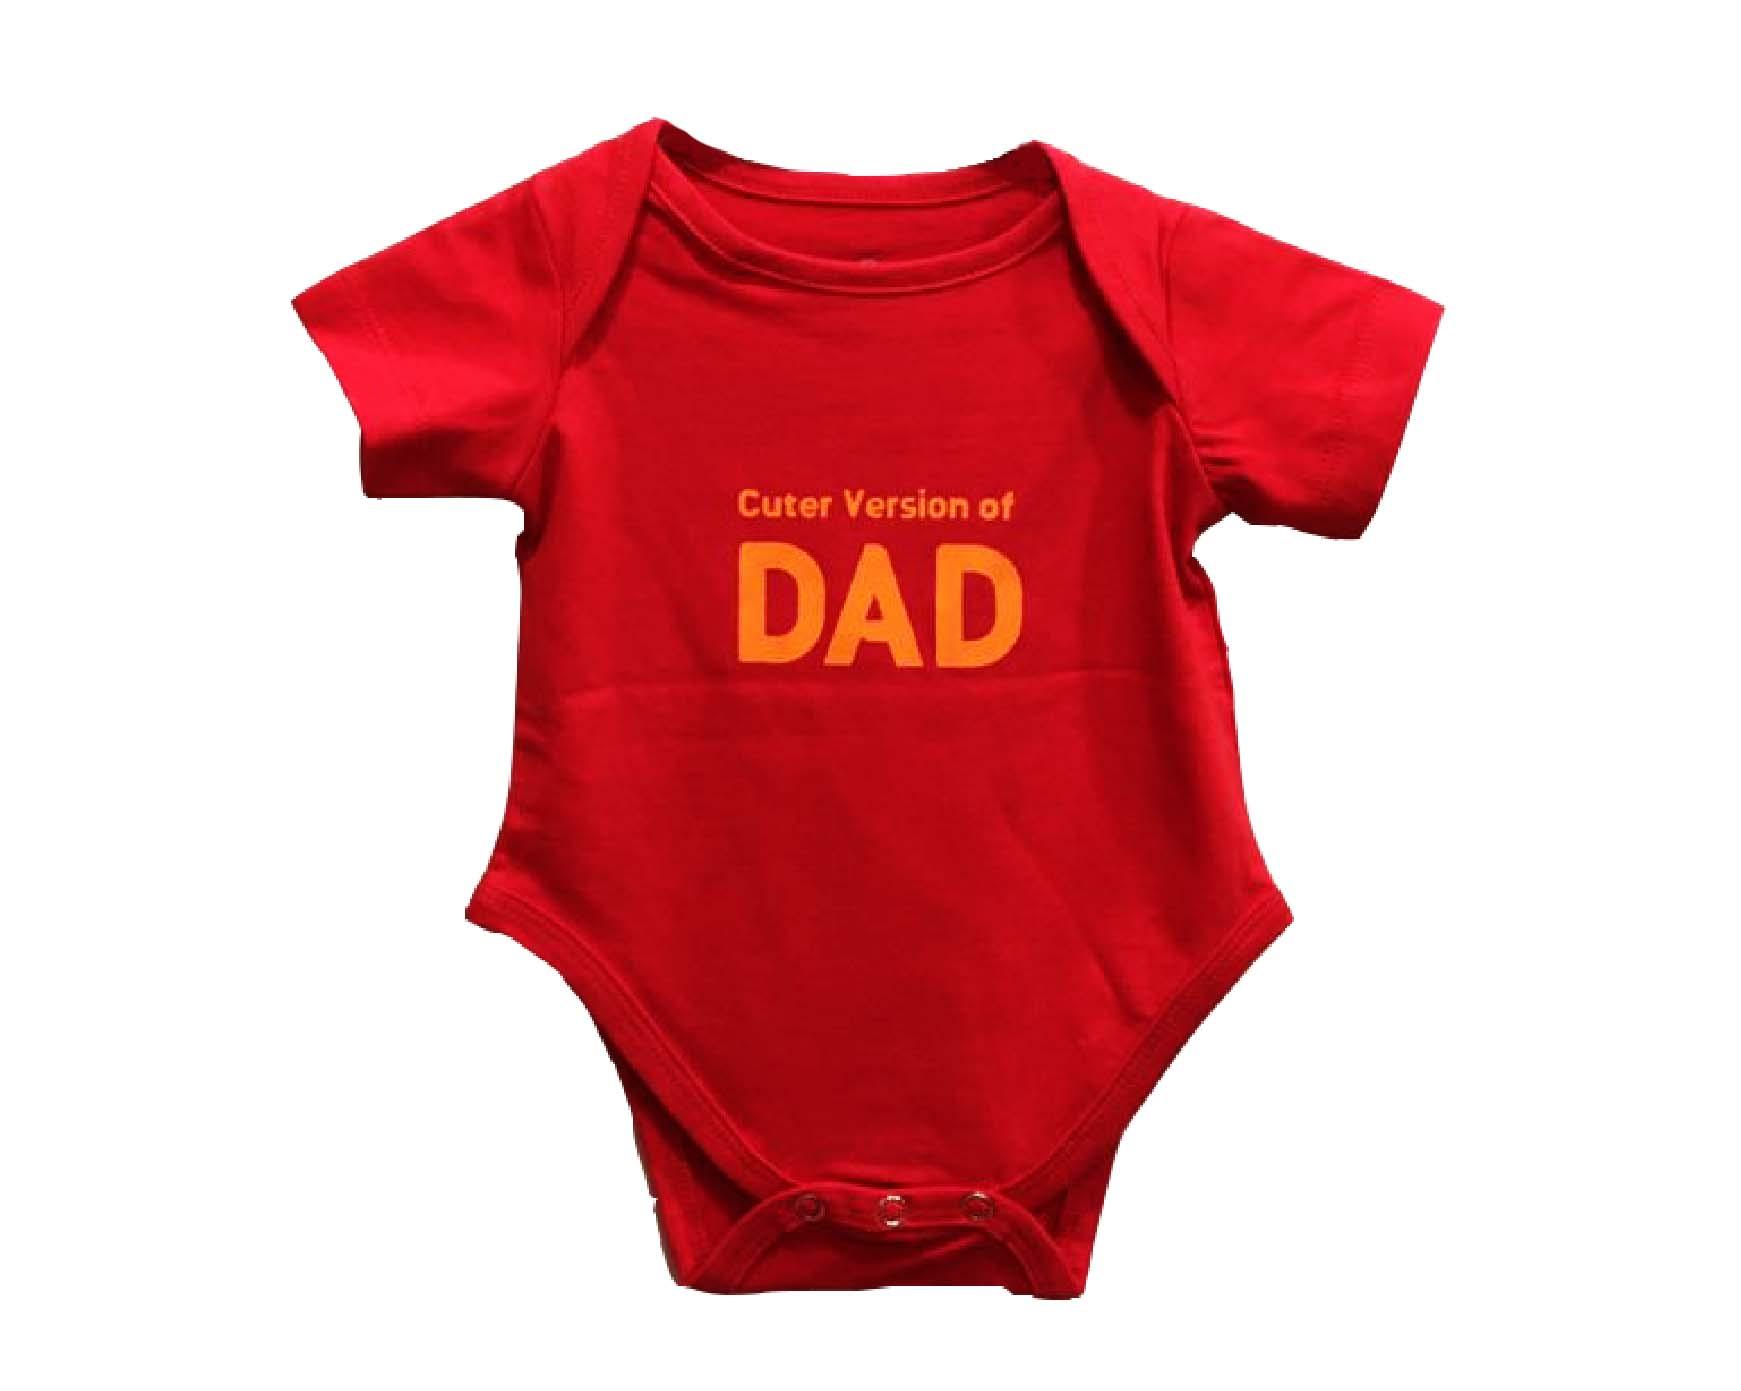 cuter-version-of-dad.jpg